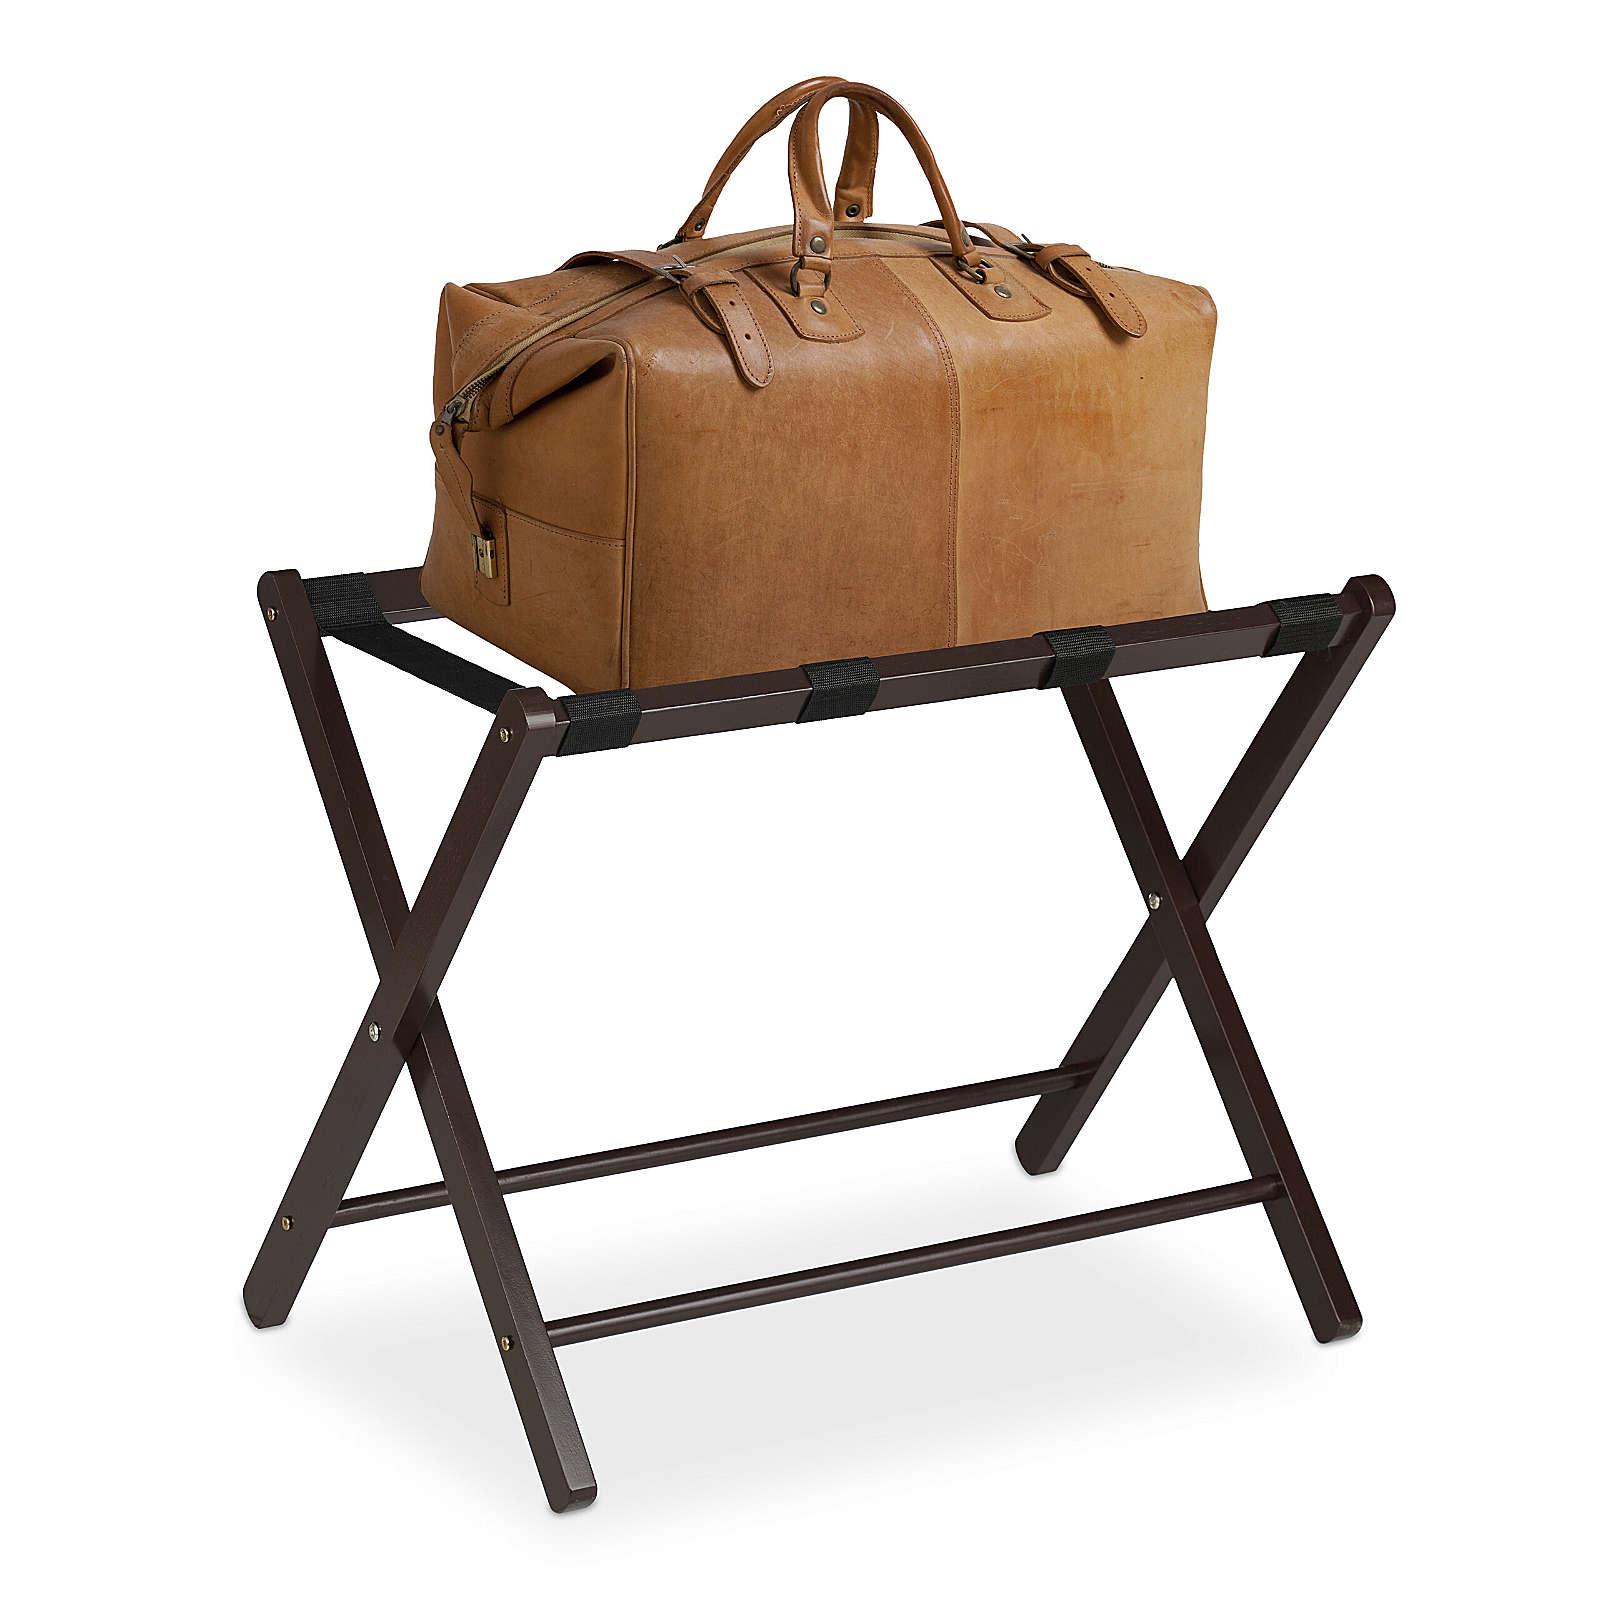 relaxdays Kofferständer Holz klappbar dunkelbraun